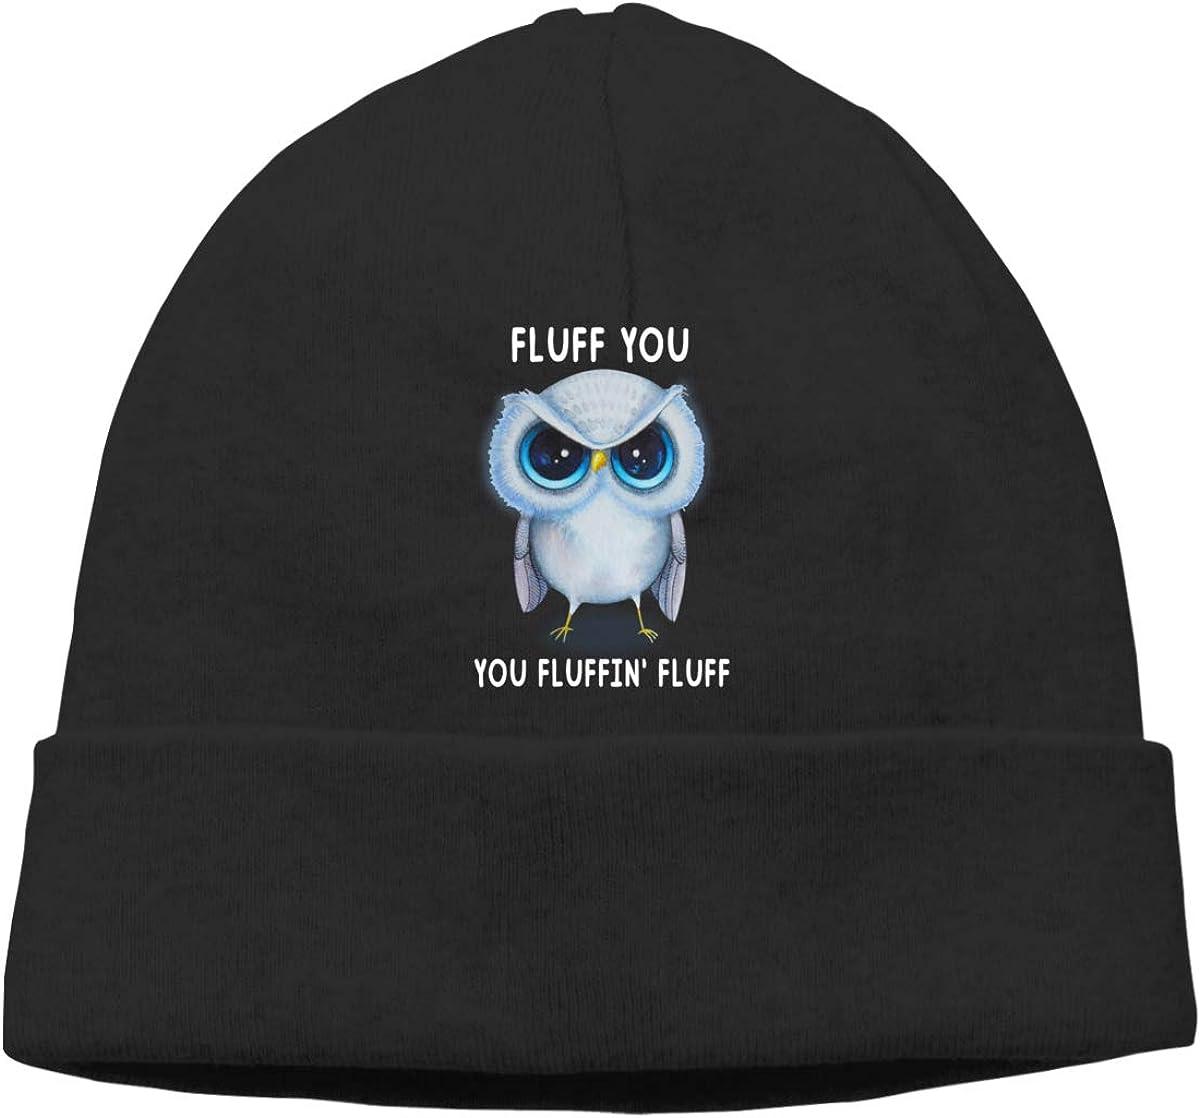 Oopp Jfhg Fluff You You Fluffin Fluff Beanies Hats Ski Cap Unisex